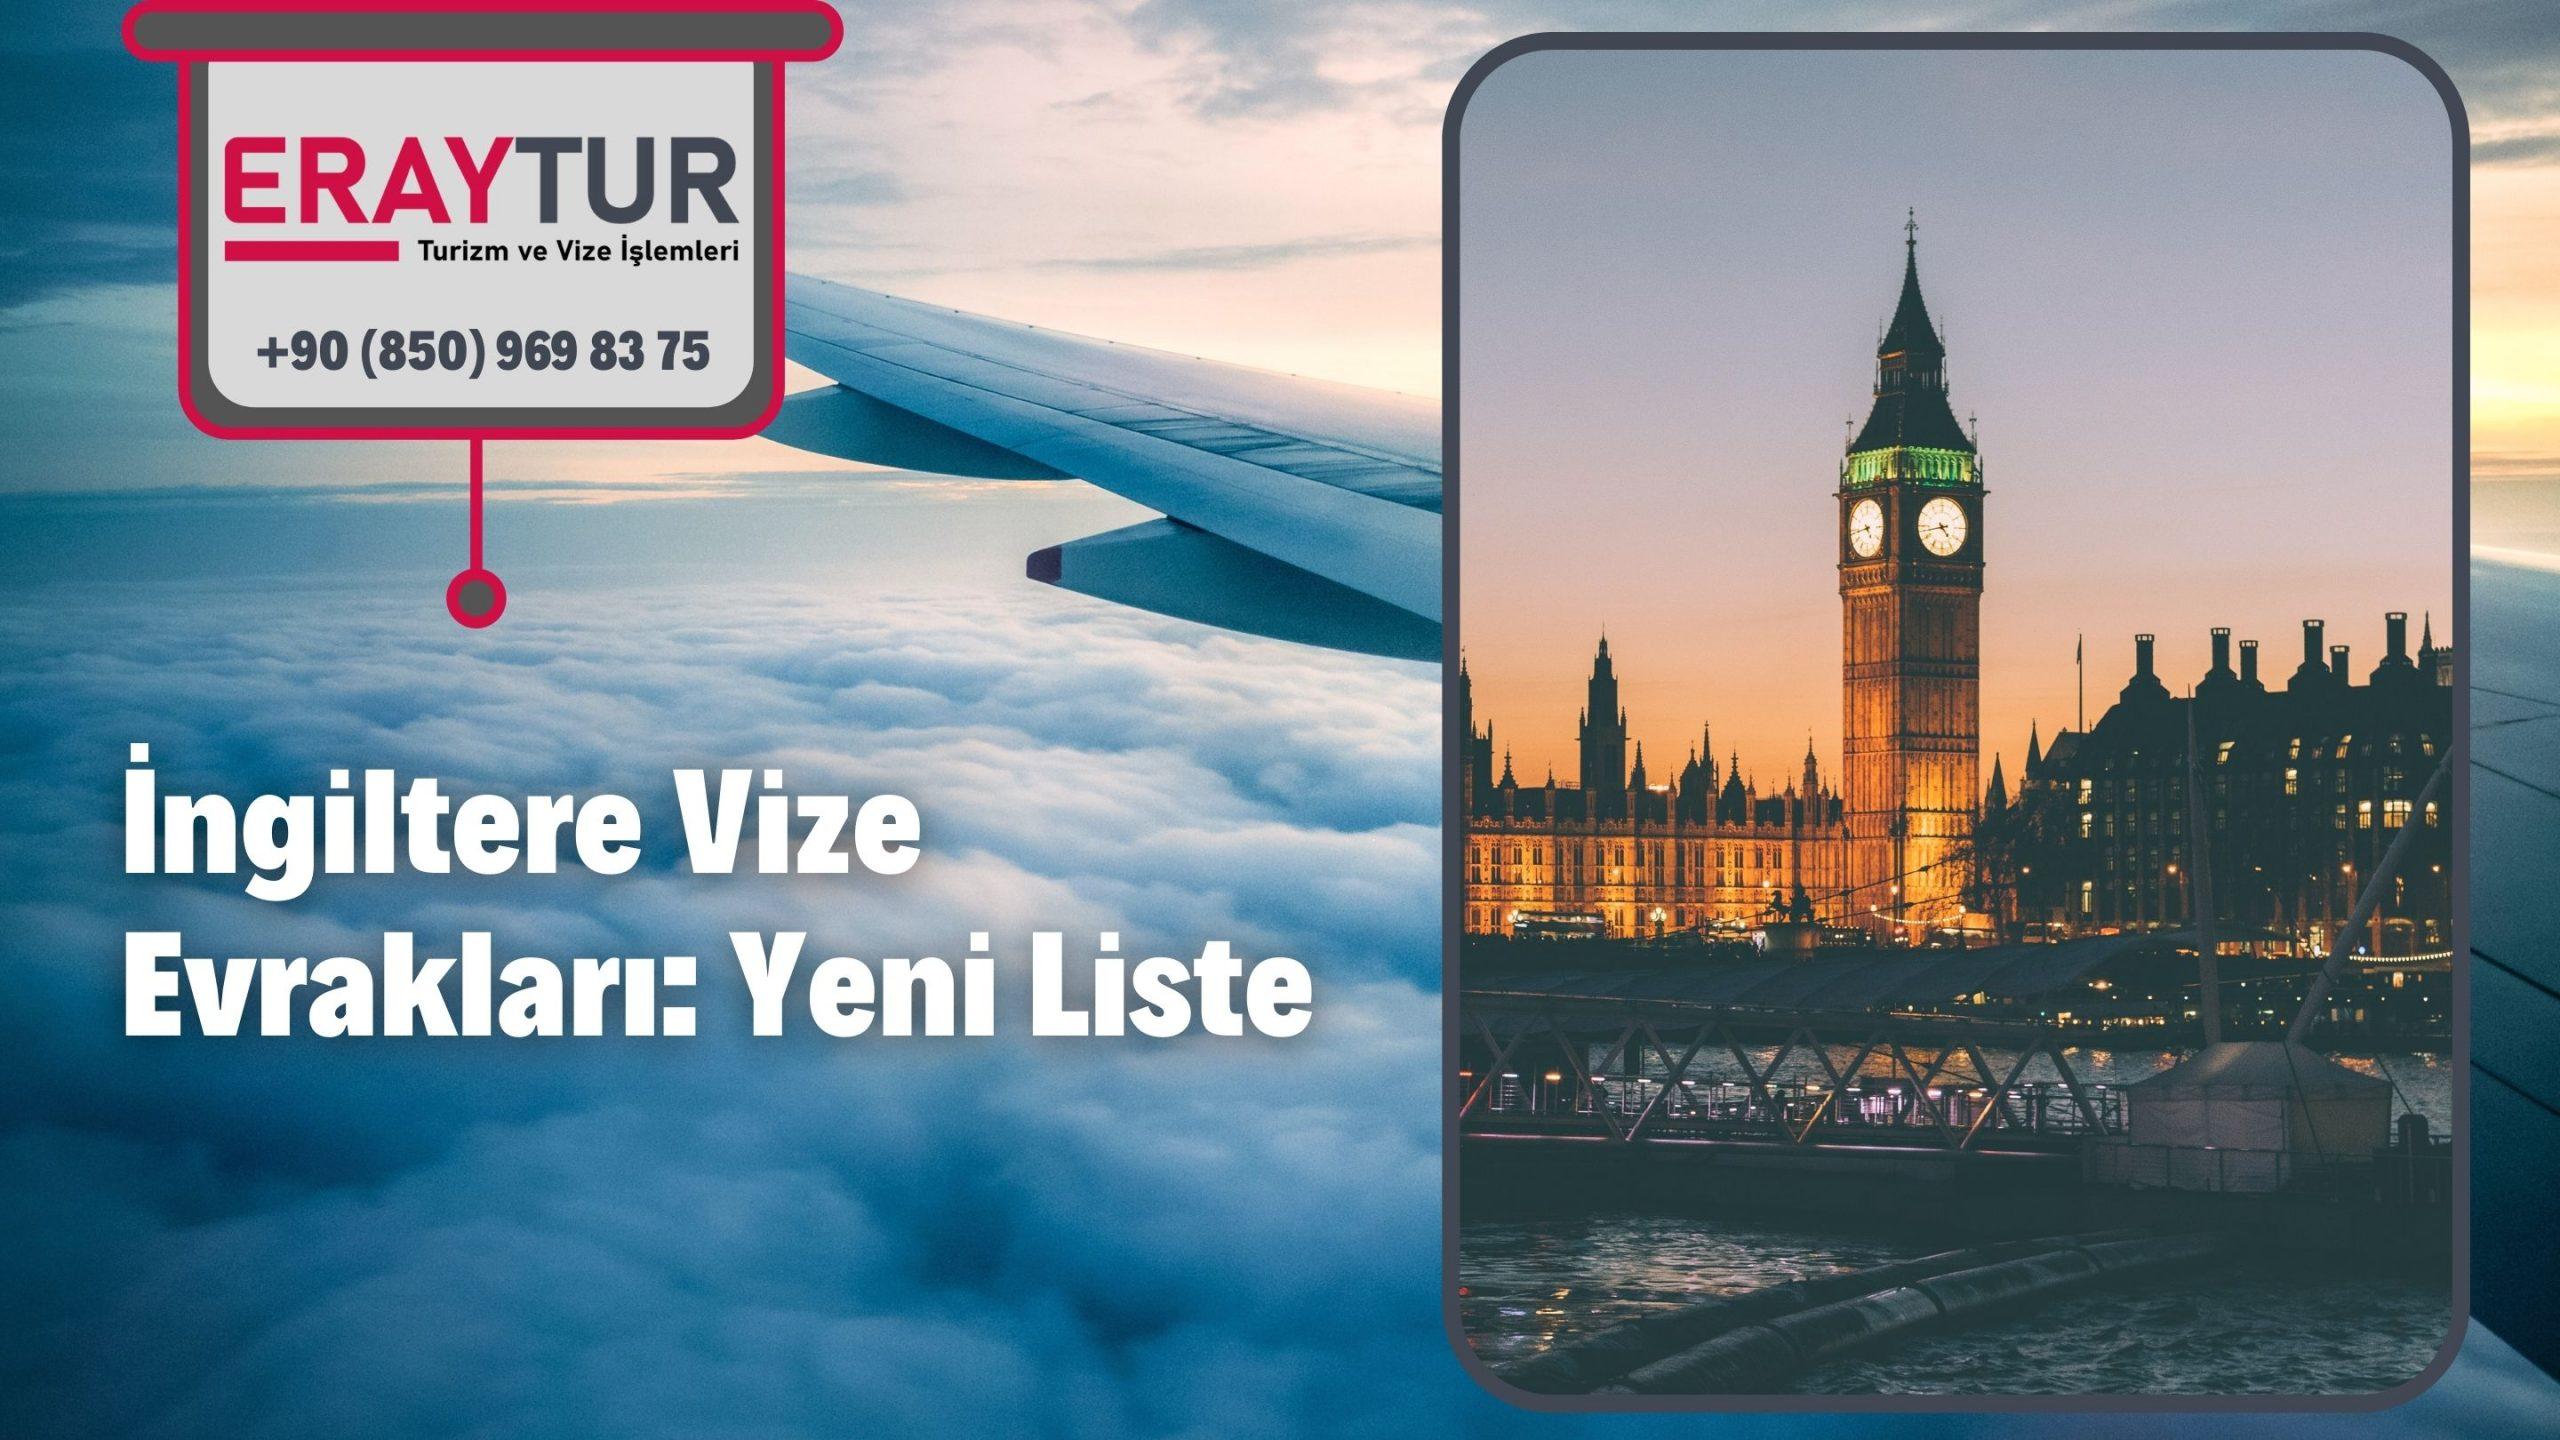 İngiltere Vize Evrakları: Yeni Liste [2021]